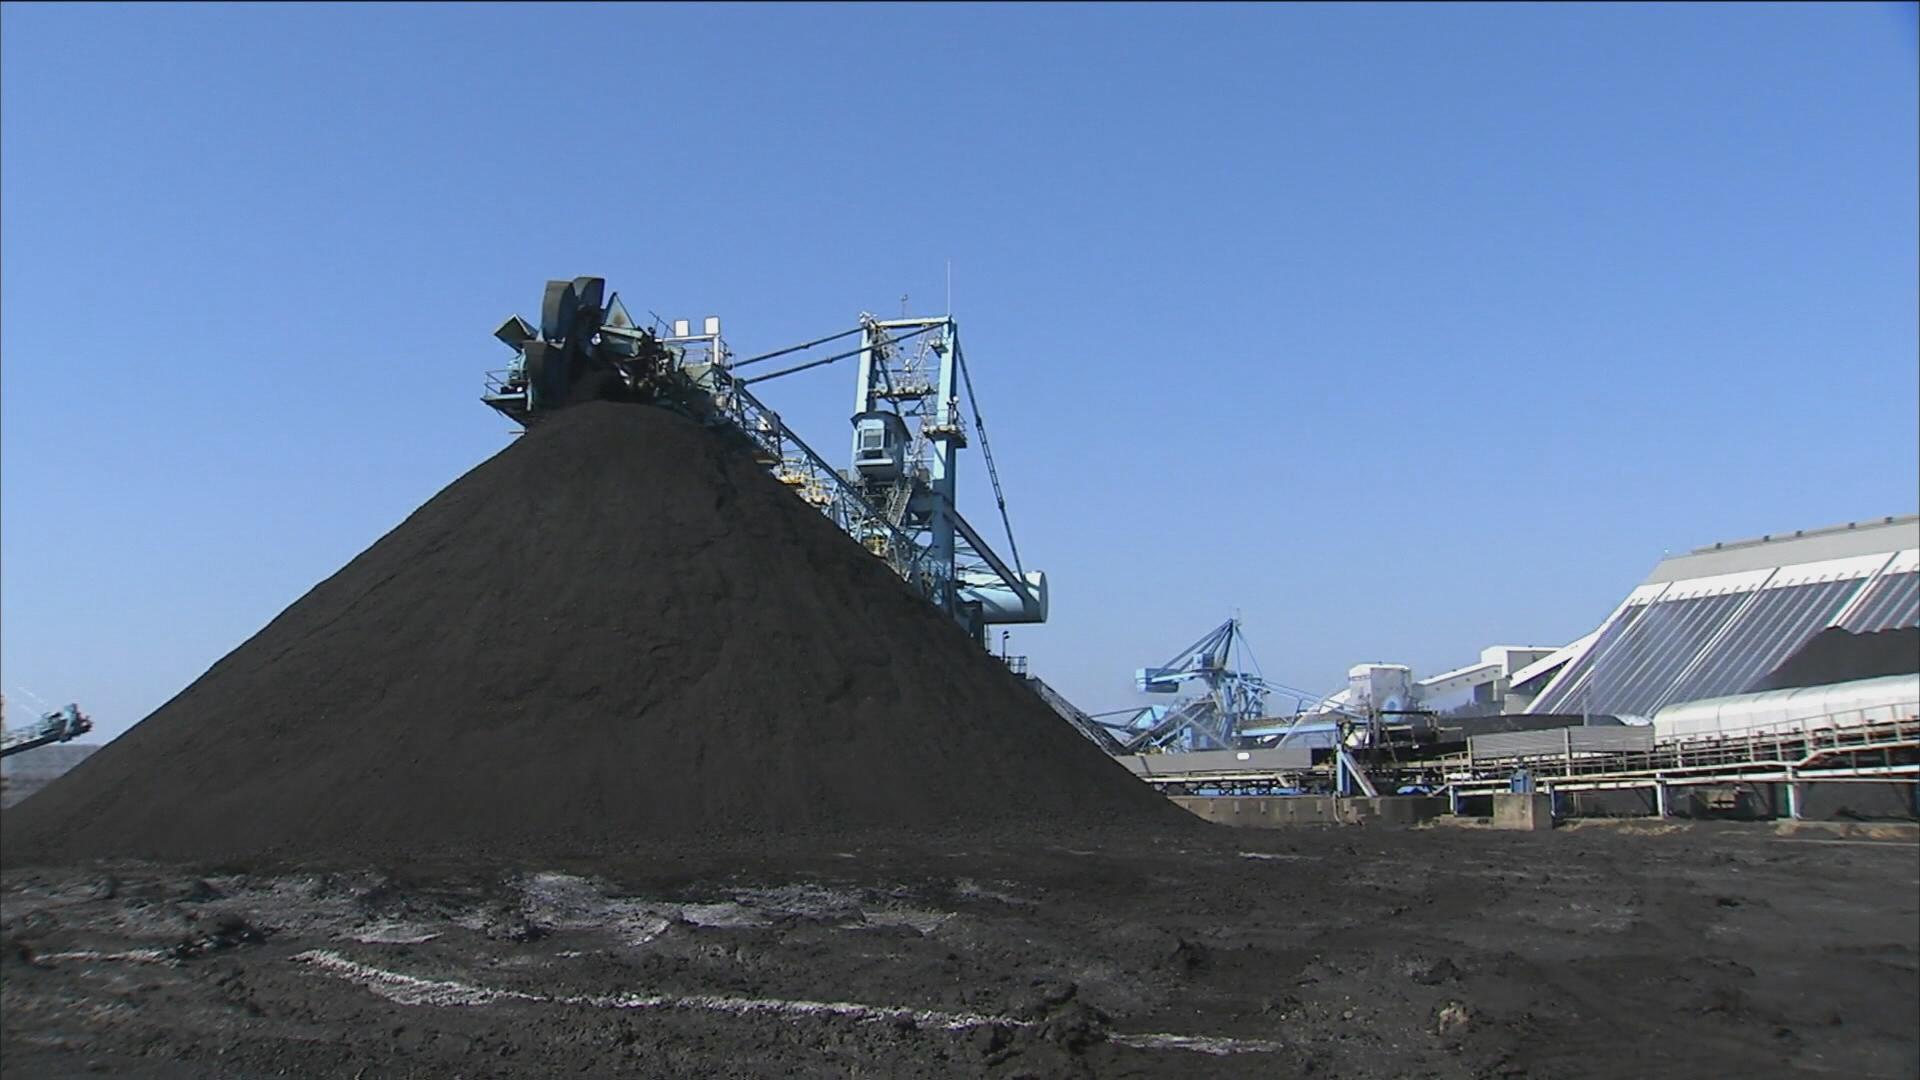 일본산 석탄재 줄이겠다는 시멘트 업계, '이번엔' 가능할까